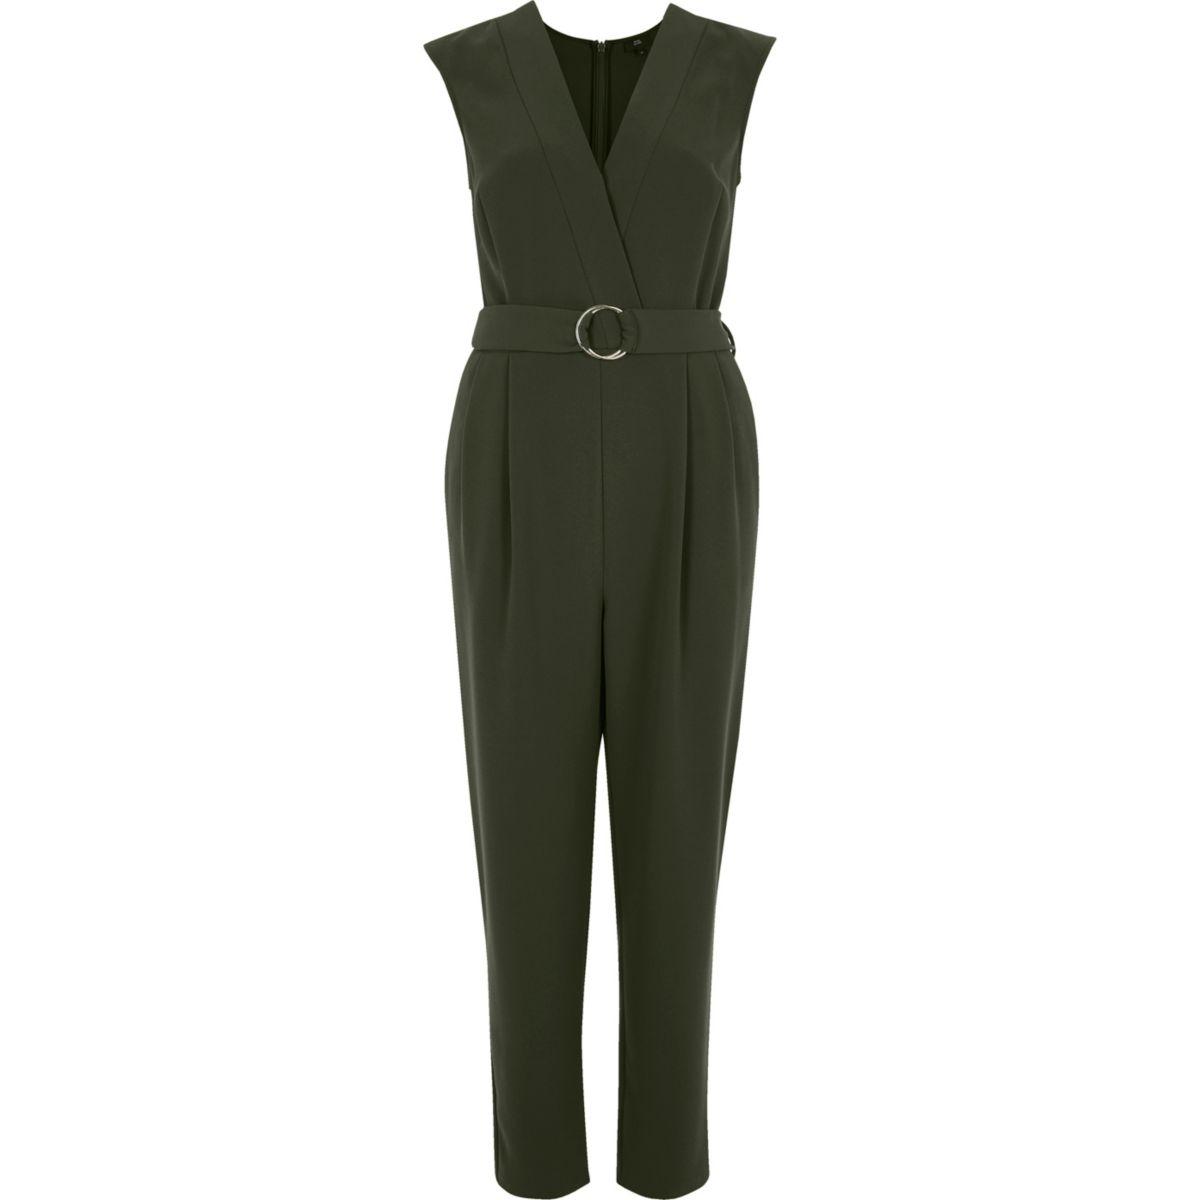 Khaki sleeveless tailored jumpsuit